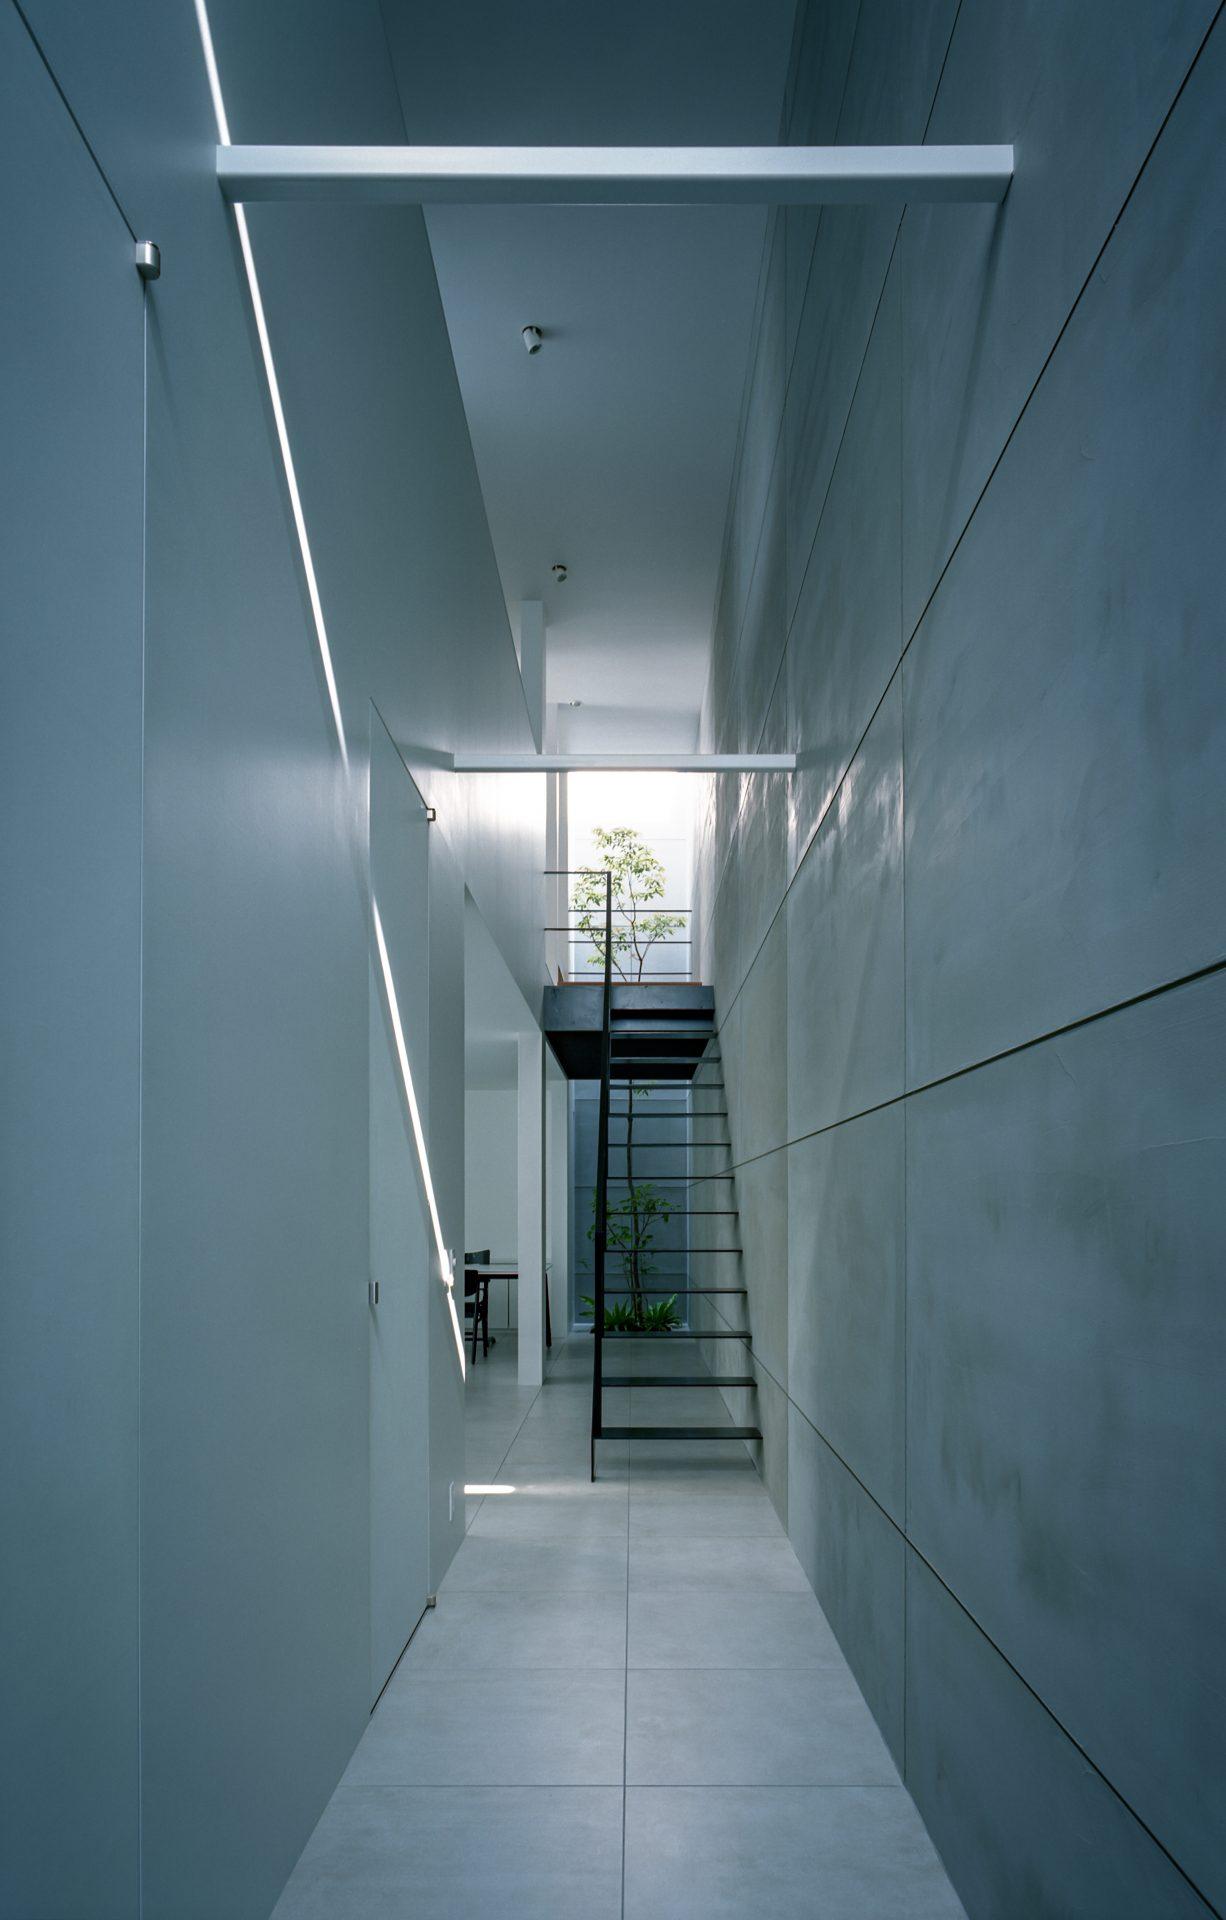 大阪河内長野のコートハウスの廊下